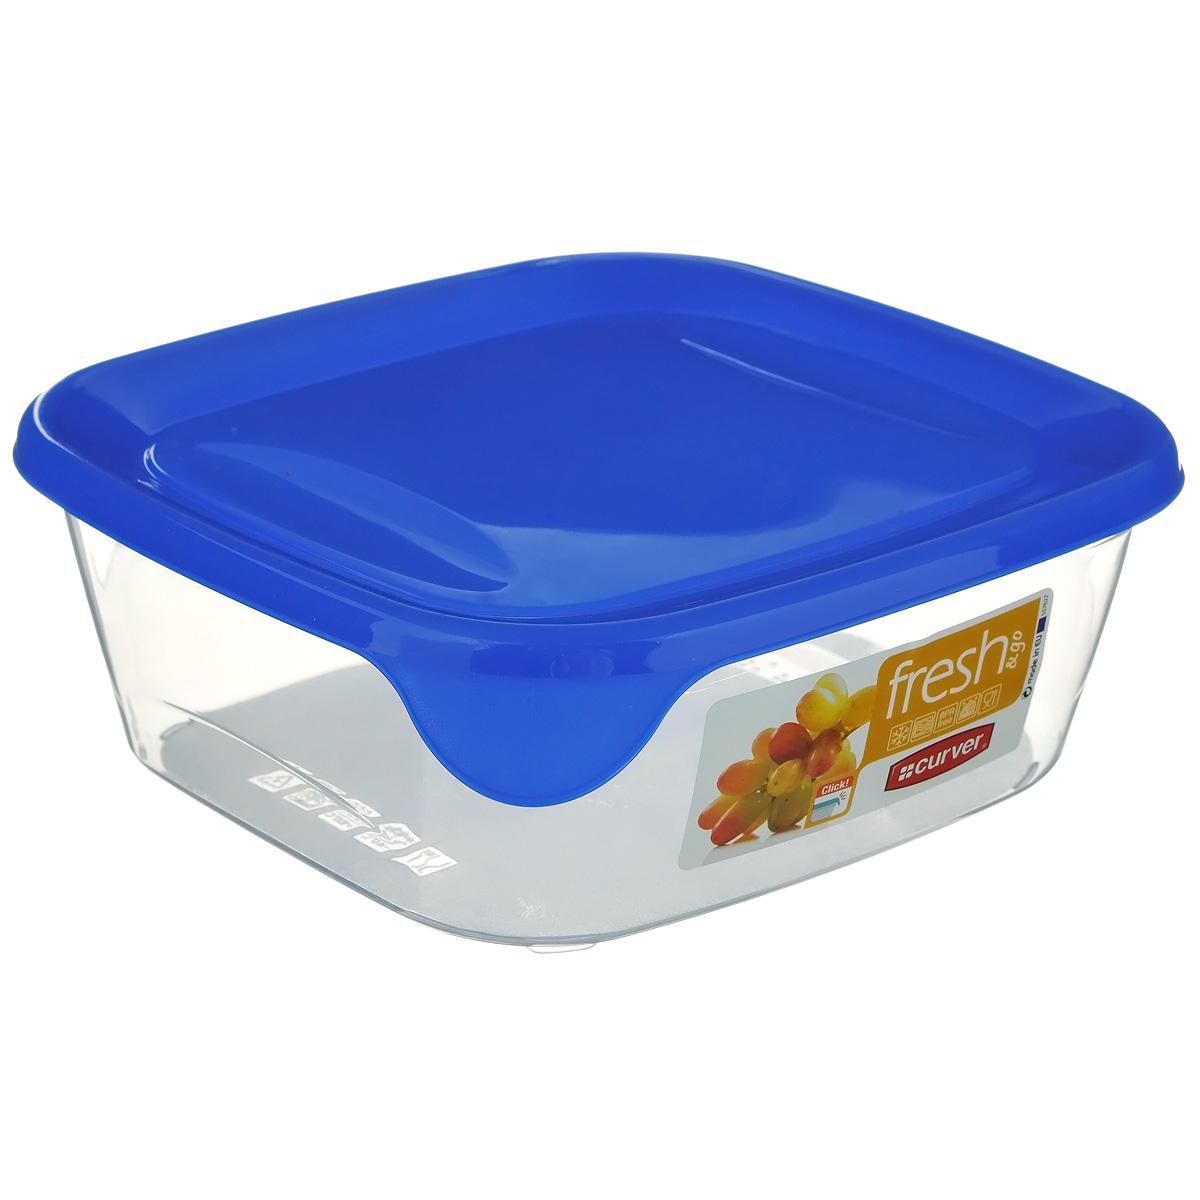 Емкость для заморозки и СВЧ Curver Fresh & Go, цвет: синий, 0,25 лVT-1520(SR)Квадратная емкость для заморозки и СВЧ Curver изготовлена из высококачественного пищевого пластика (BPA free), который выдерживает температуру от -40°С до +100°С. Стенки емкости прозрачные, а крышка цветная. Она плотно закрывается, дольше сохраняя продукты свежими и вкусными. Емкость удобно брать с собой на работу, учебу, пикник или просто использовать для хранения пищи в холодильнике. Можно использовать в микроволновой печи и для заморозки в морозильной камере. Можно мыть в посудомоечной машине.